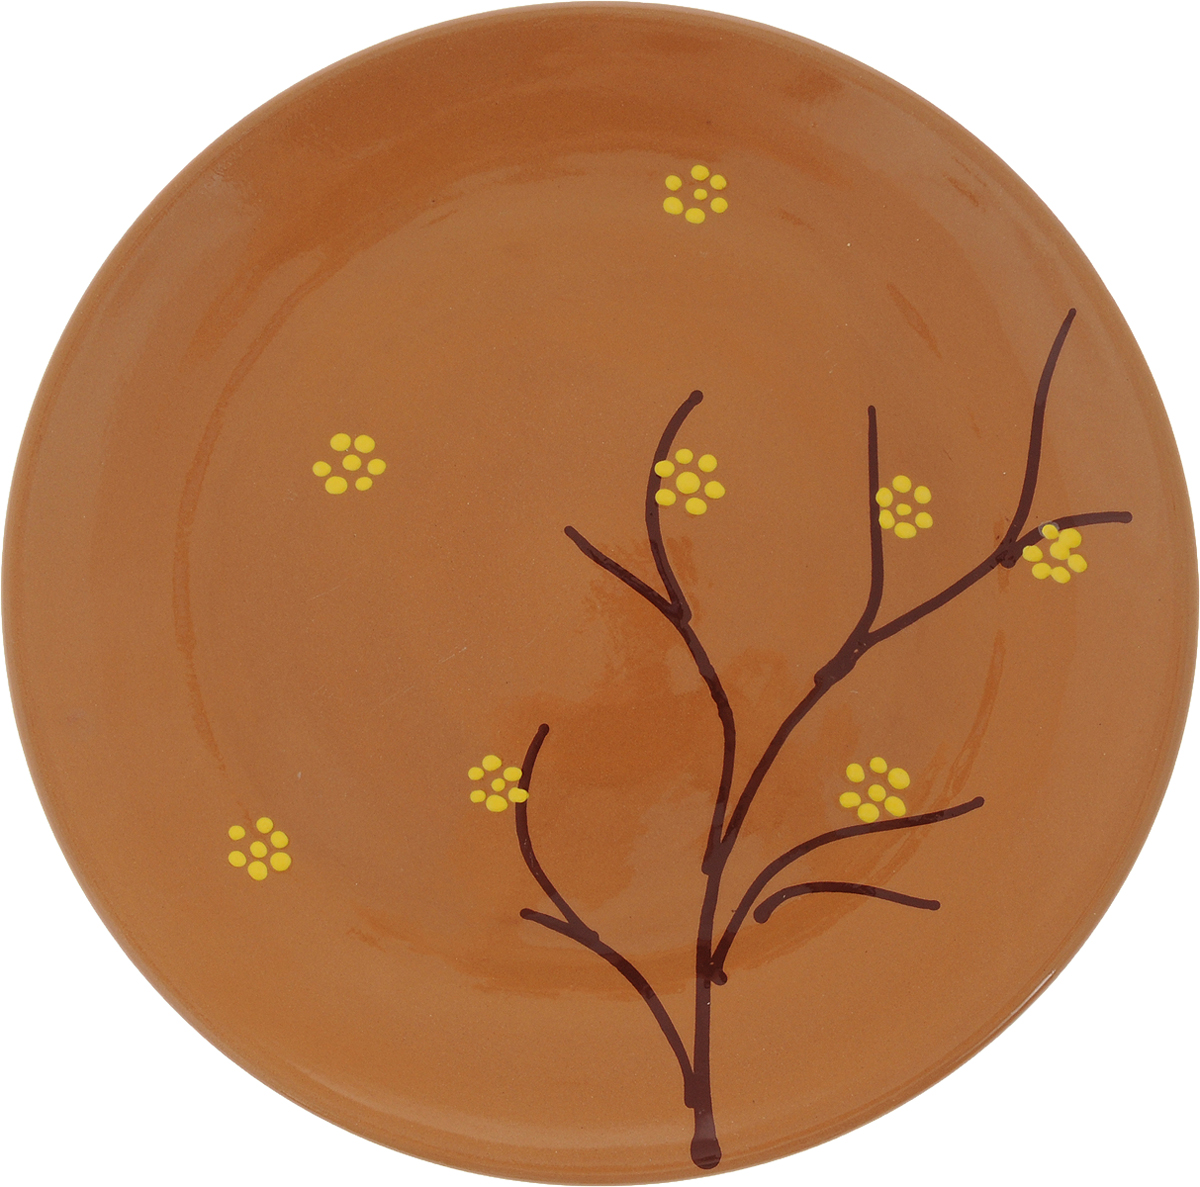 Тарелка Борисовская керамика Cтандарт, цвет: коричневый, желтый, диаметр 22,5 смОБЧ00000586_коричневый, желтые цветыТарелка Борисовская керамика Cтандарт выполнена из высококачественнойкерамики с покрытием пищевой глазурью. Изделие отлично подходит для подачи вторых блюд,сервировки нарезок, закусок, овощей и фруктов. Такая тарелка отлично подойдет дляповседневного использования. Она прекрасно впишется в интерьер вашей кухни.Посуда термостойкая, можно использовать в духовке и в микроволновой печи.Диаметр тарелки (по верхнему краю): 22,5 см.Высота стенки: 2,5 см.